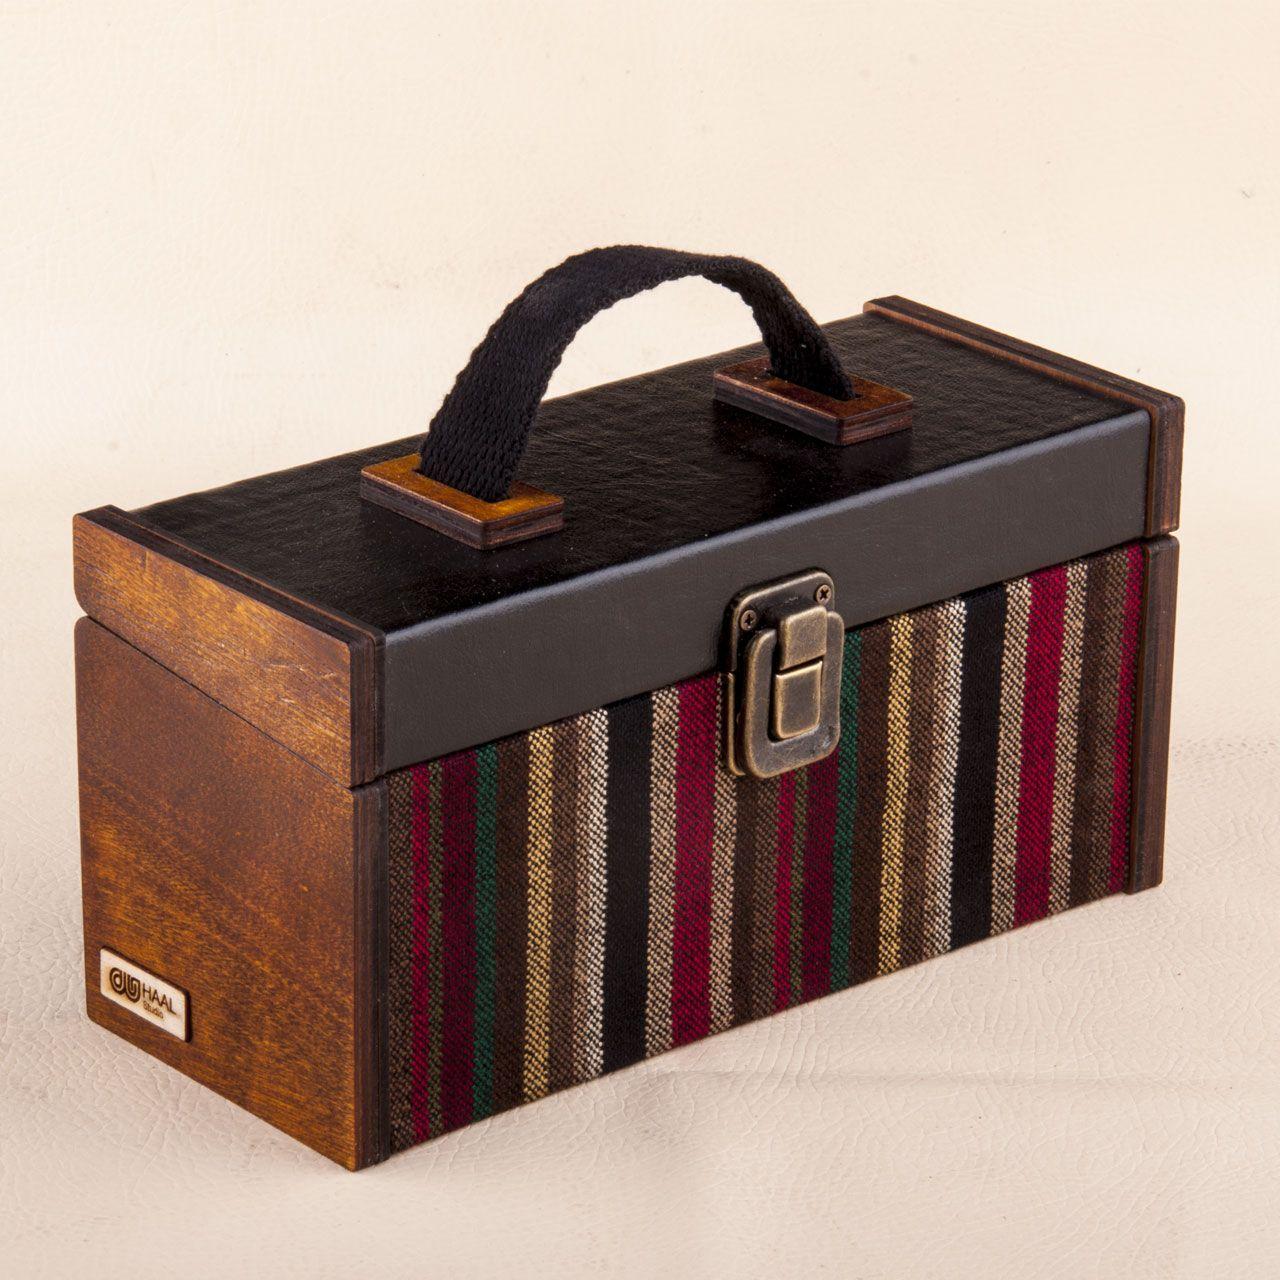 کیف دستی زنانه استودیو حال کد 1221 -  - 3